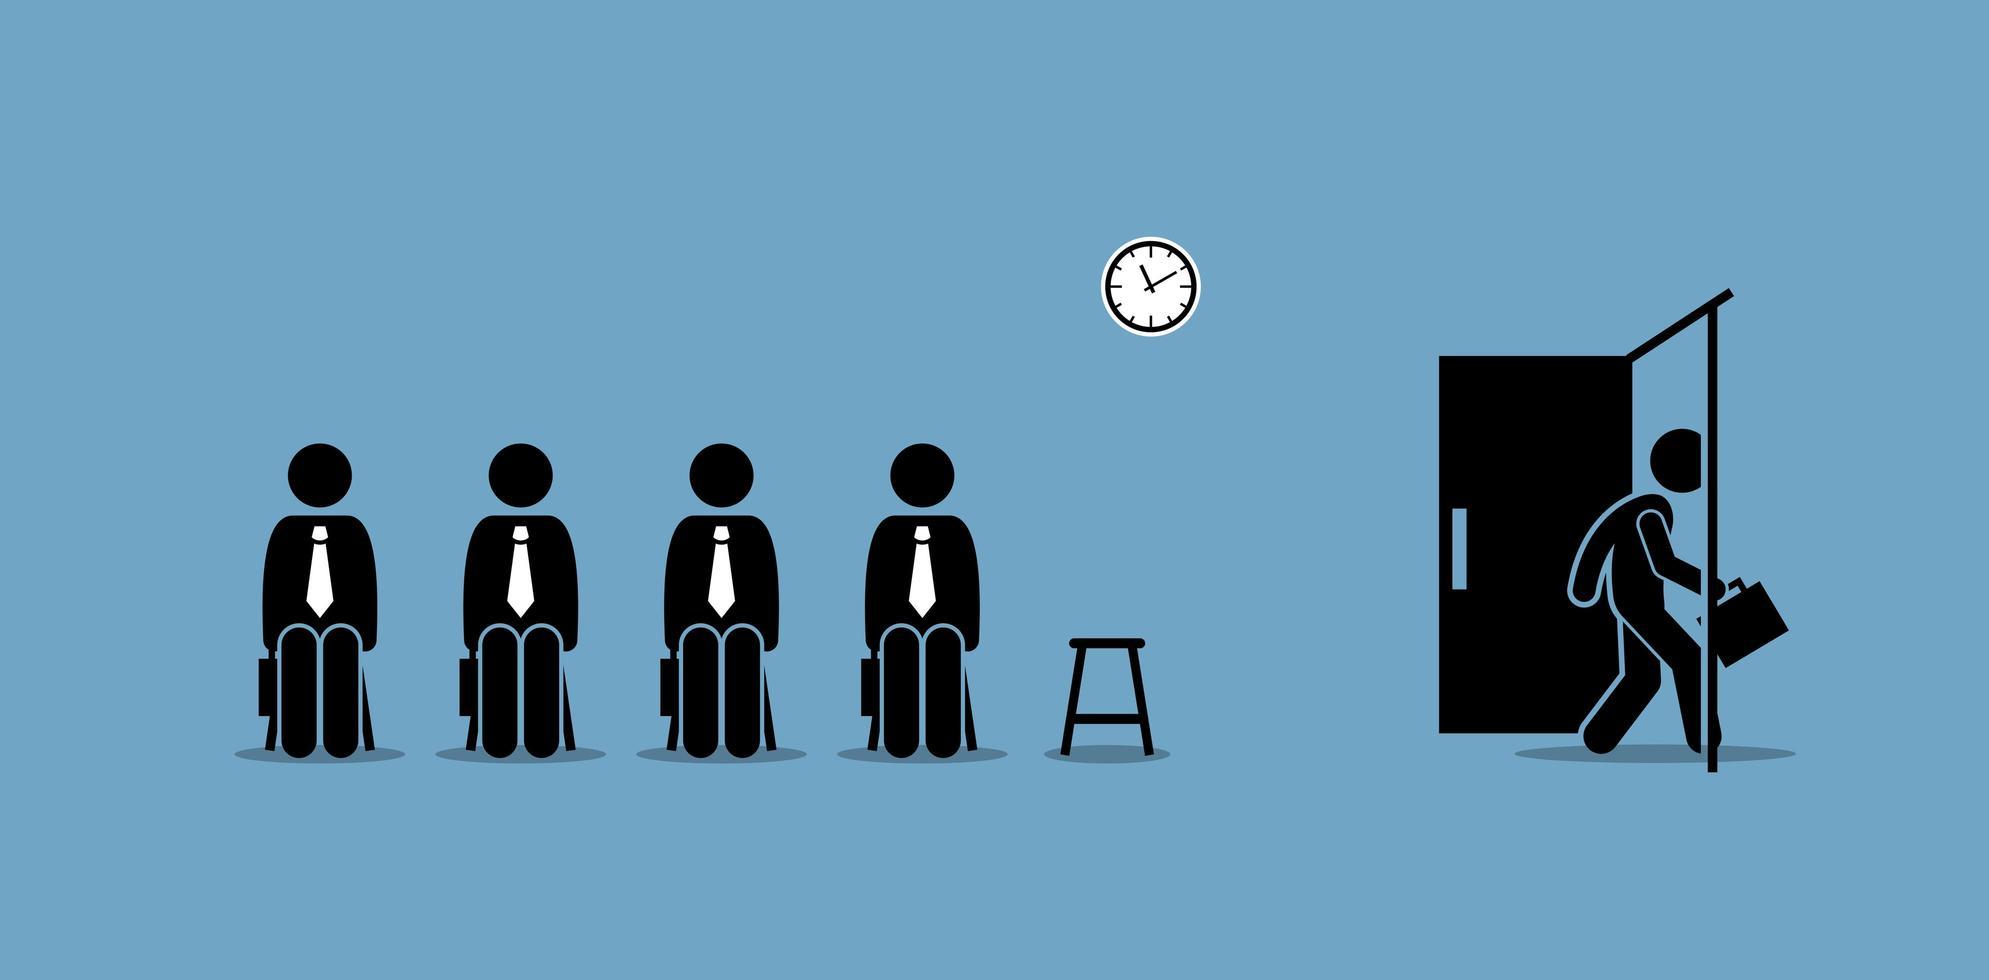 candidatos à entrevista de emprego esperando do lado de fora da sala e um candidato entrando pela porta. vetor